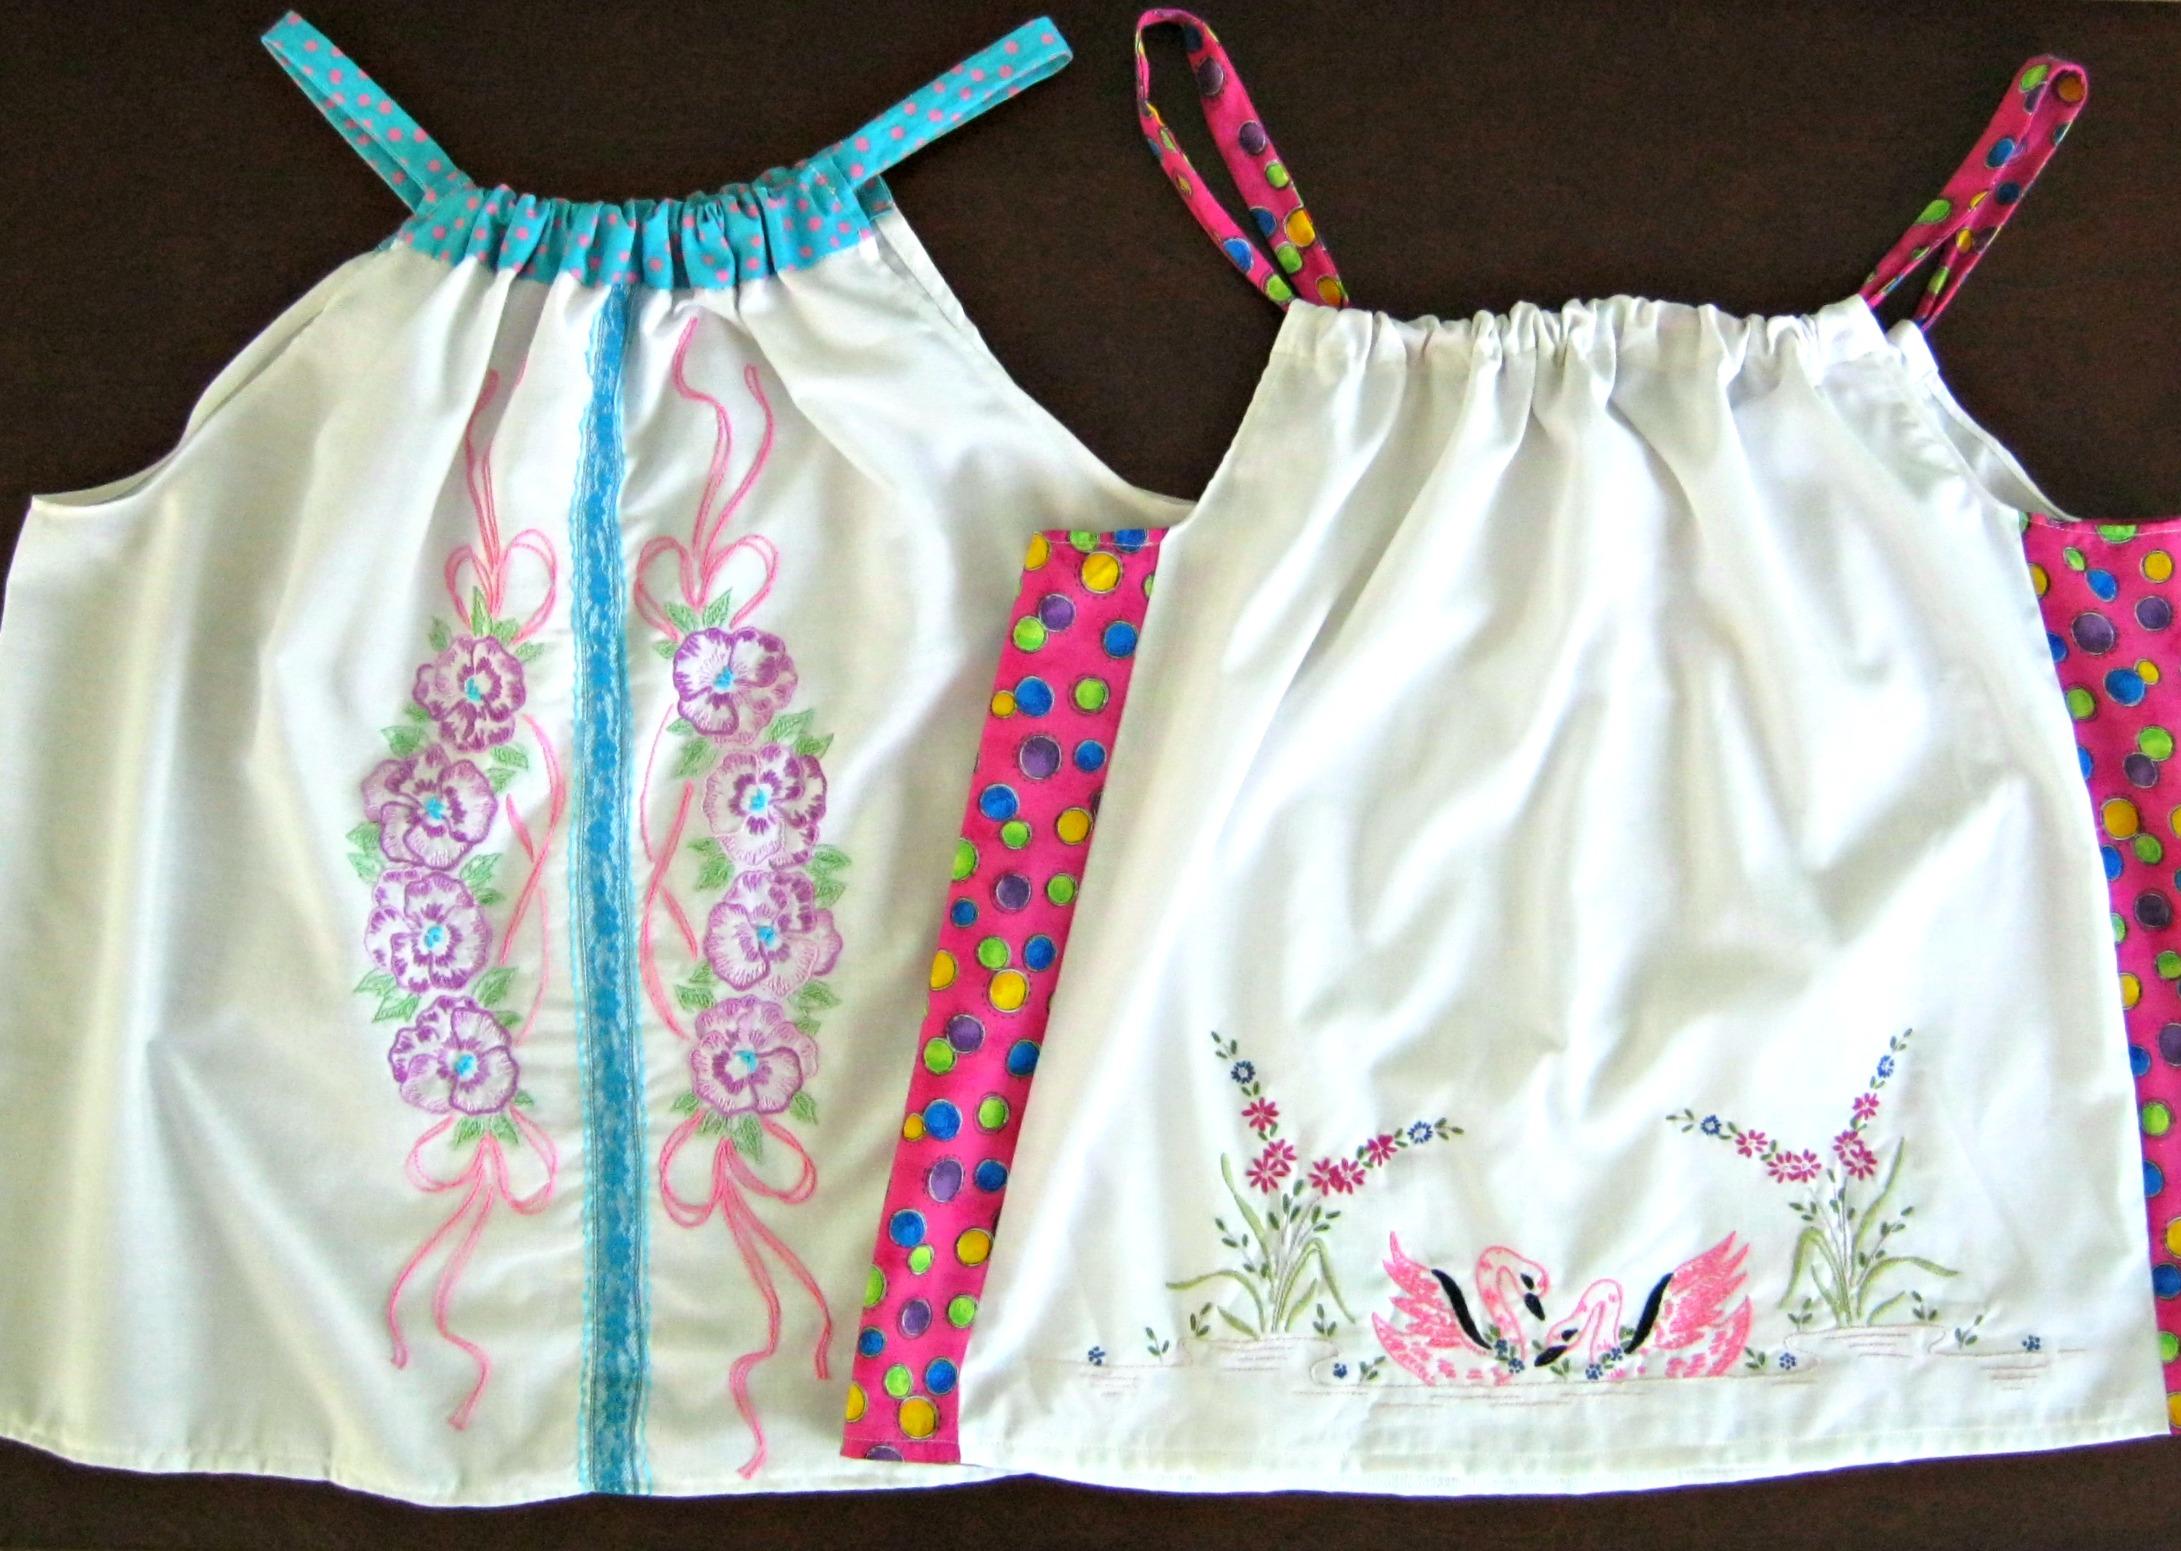 Two new pillowcase top designs & New pillowcase top designs for women - Lynda Makara pillowsntoast.com